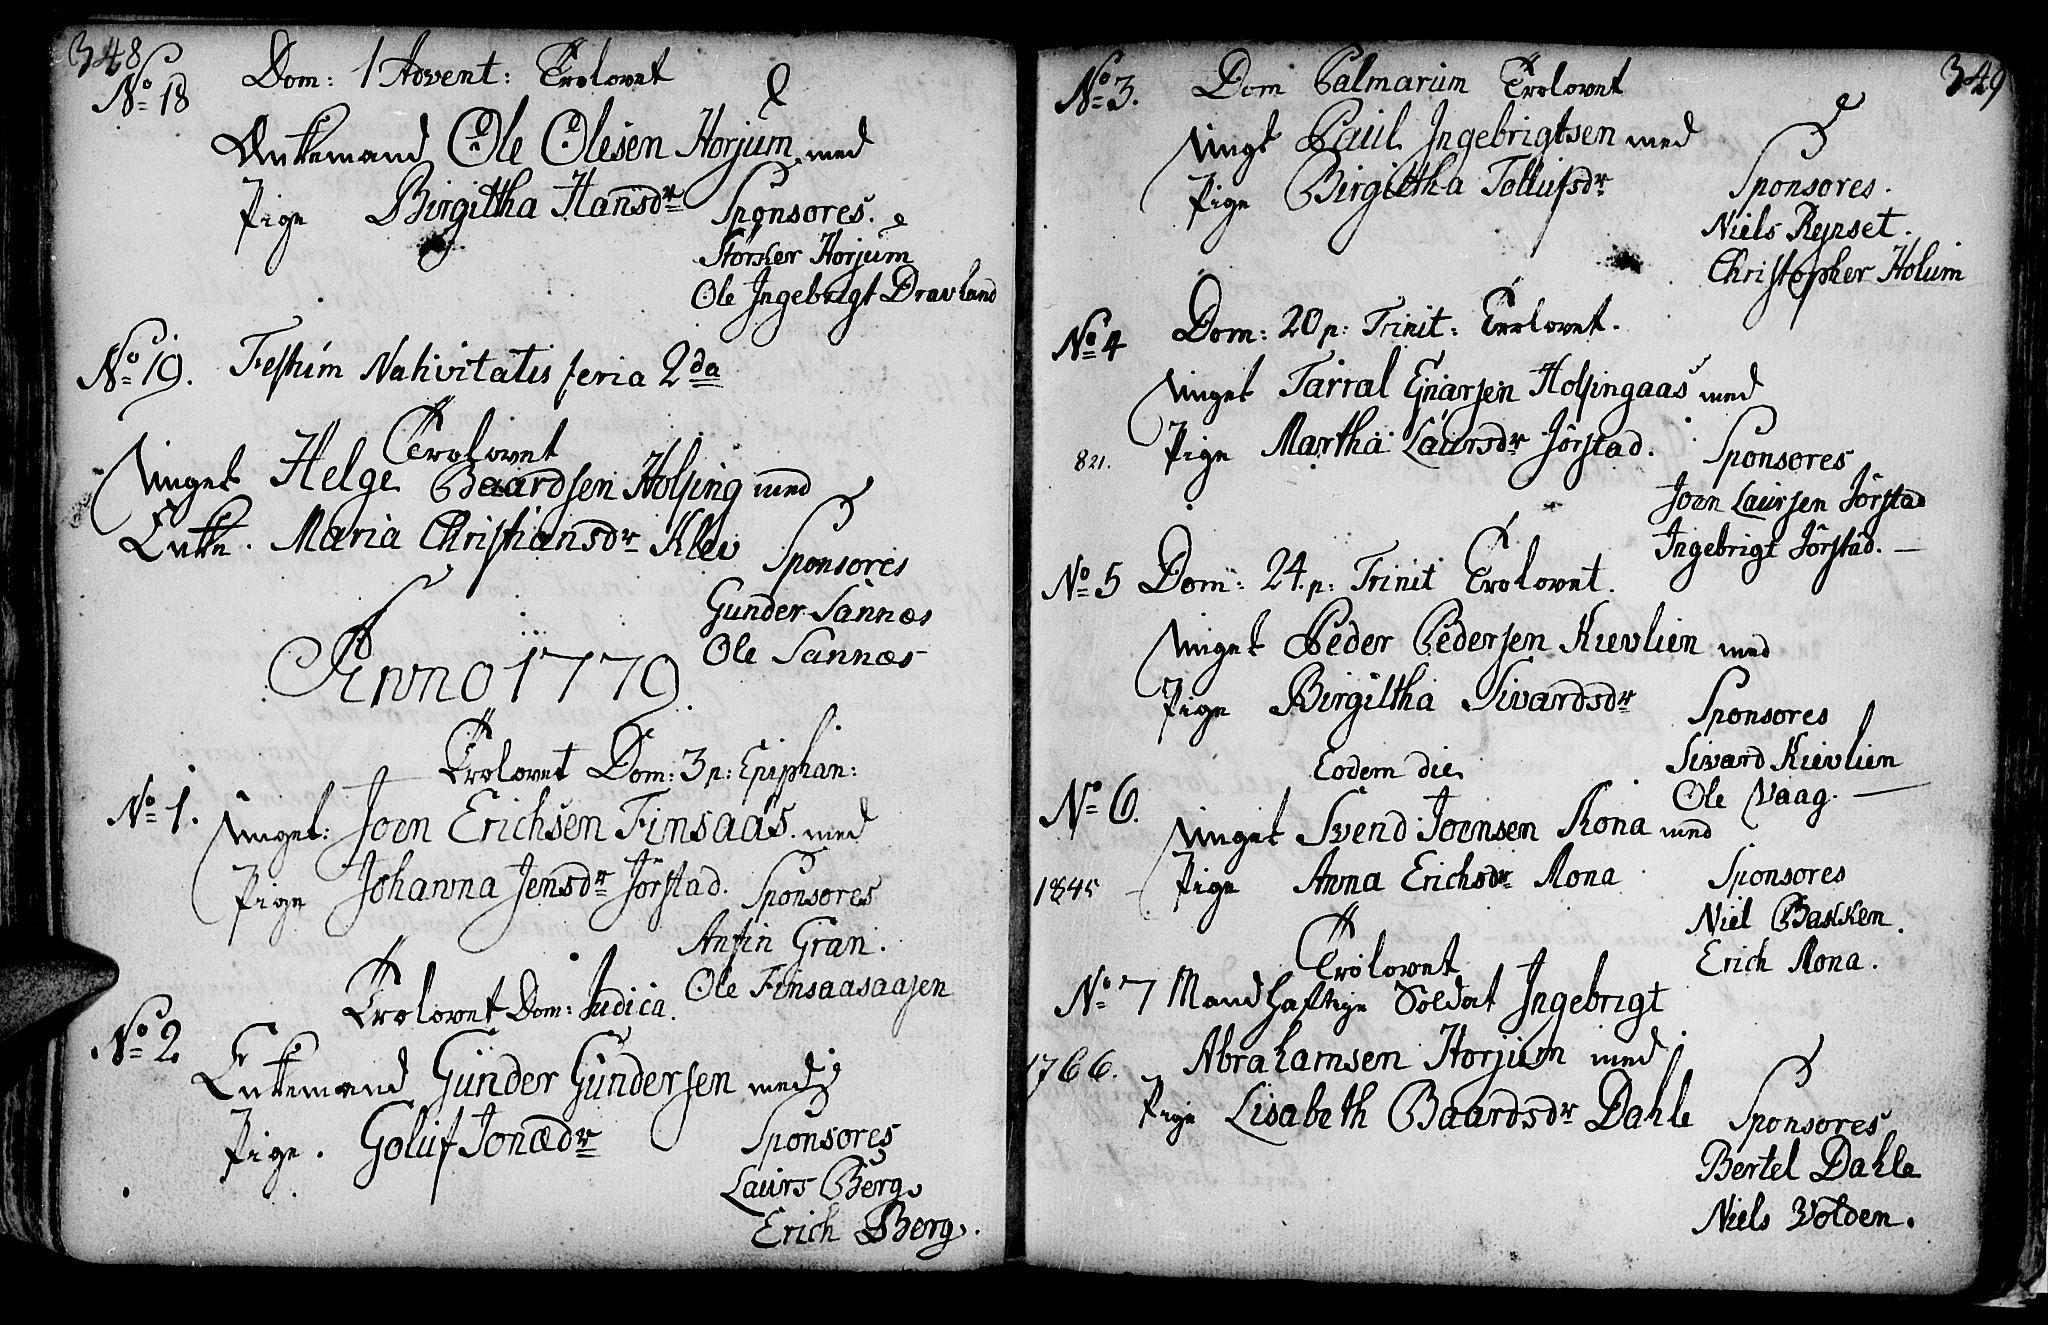 SAT, Ministerialprotokoller, klokkerbøker og fødselsregistre - Nord-Trøndelag, 749/L0467: Ministerialbok nr. 749A01, 1733-1787, s. 348-349